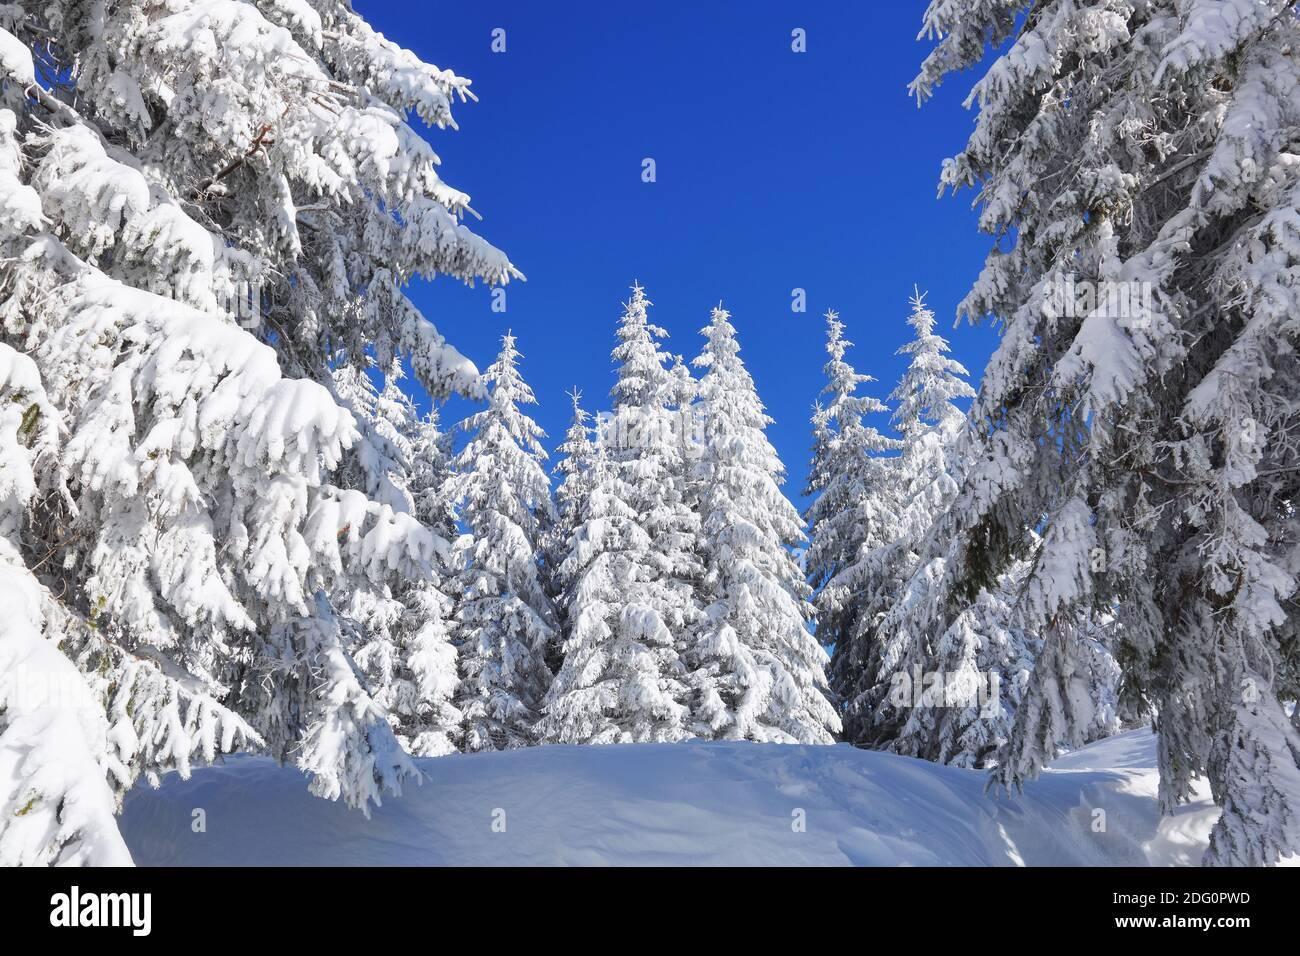 Hermoso paisaje en la fría mañana de invierno. Pinos en las motonieves. Césped y bosques. Fondo nevado. Paisaje natural. Ubicación Coloque la C Foto de stock